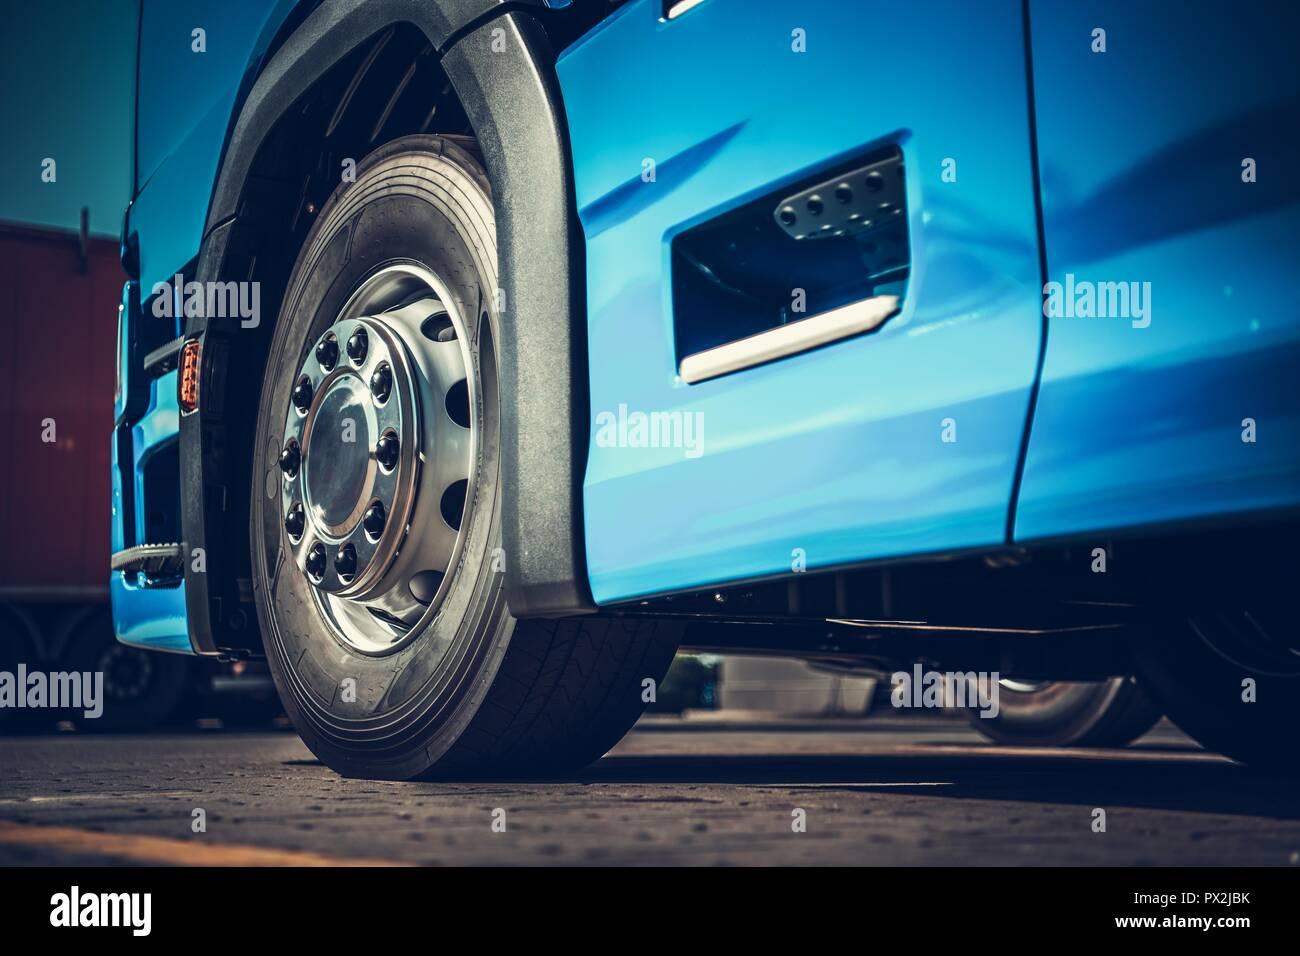 Toute nouvelle Semi Truck Section inférieure à quatre roues photo gros plan. Thème du transport de fret lourd. Photo Stock